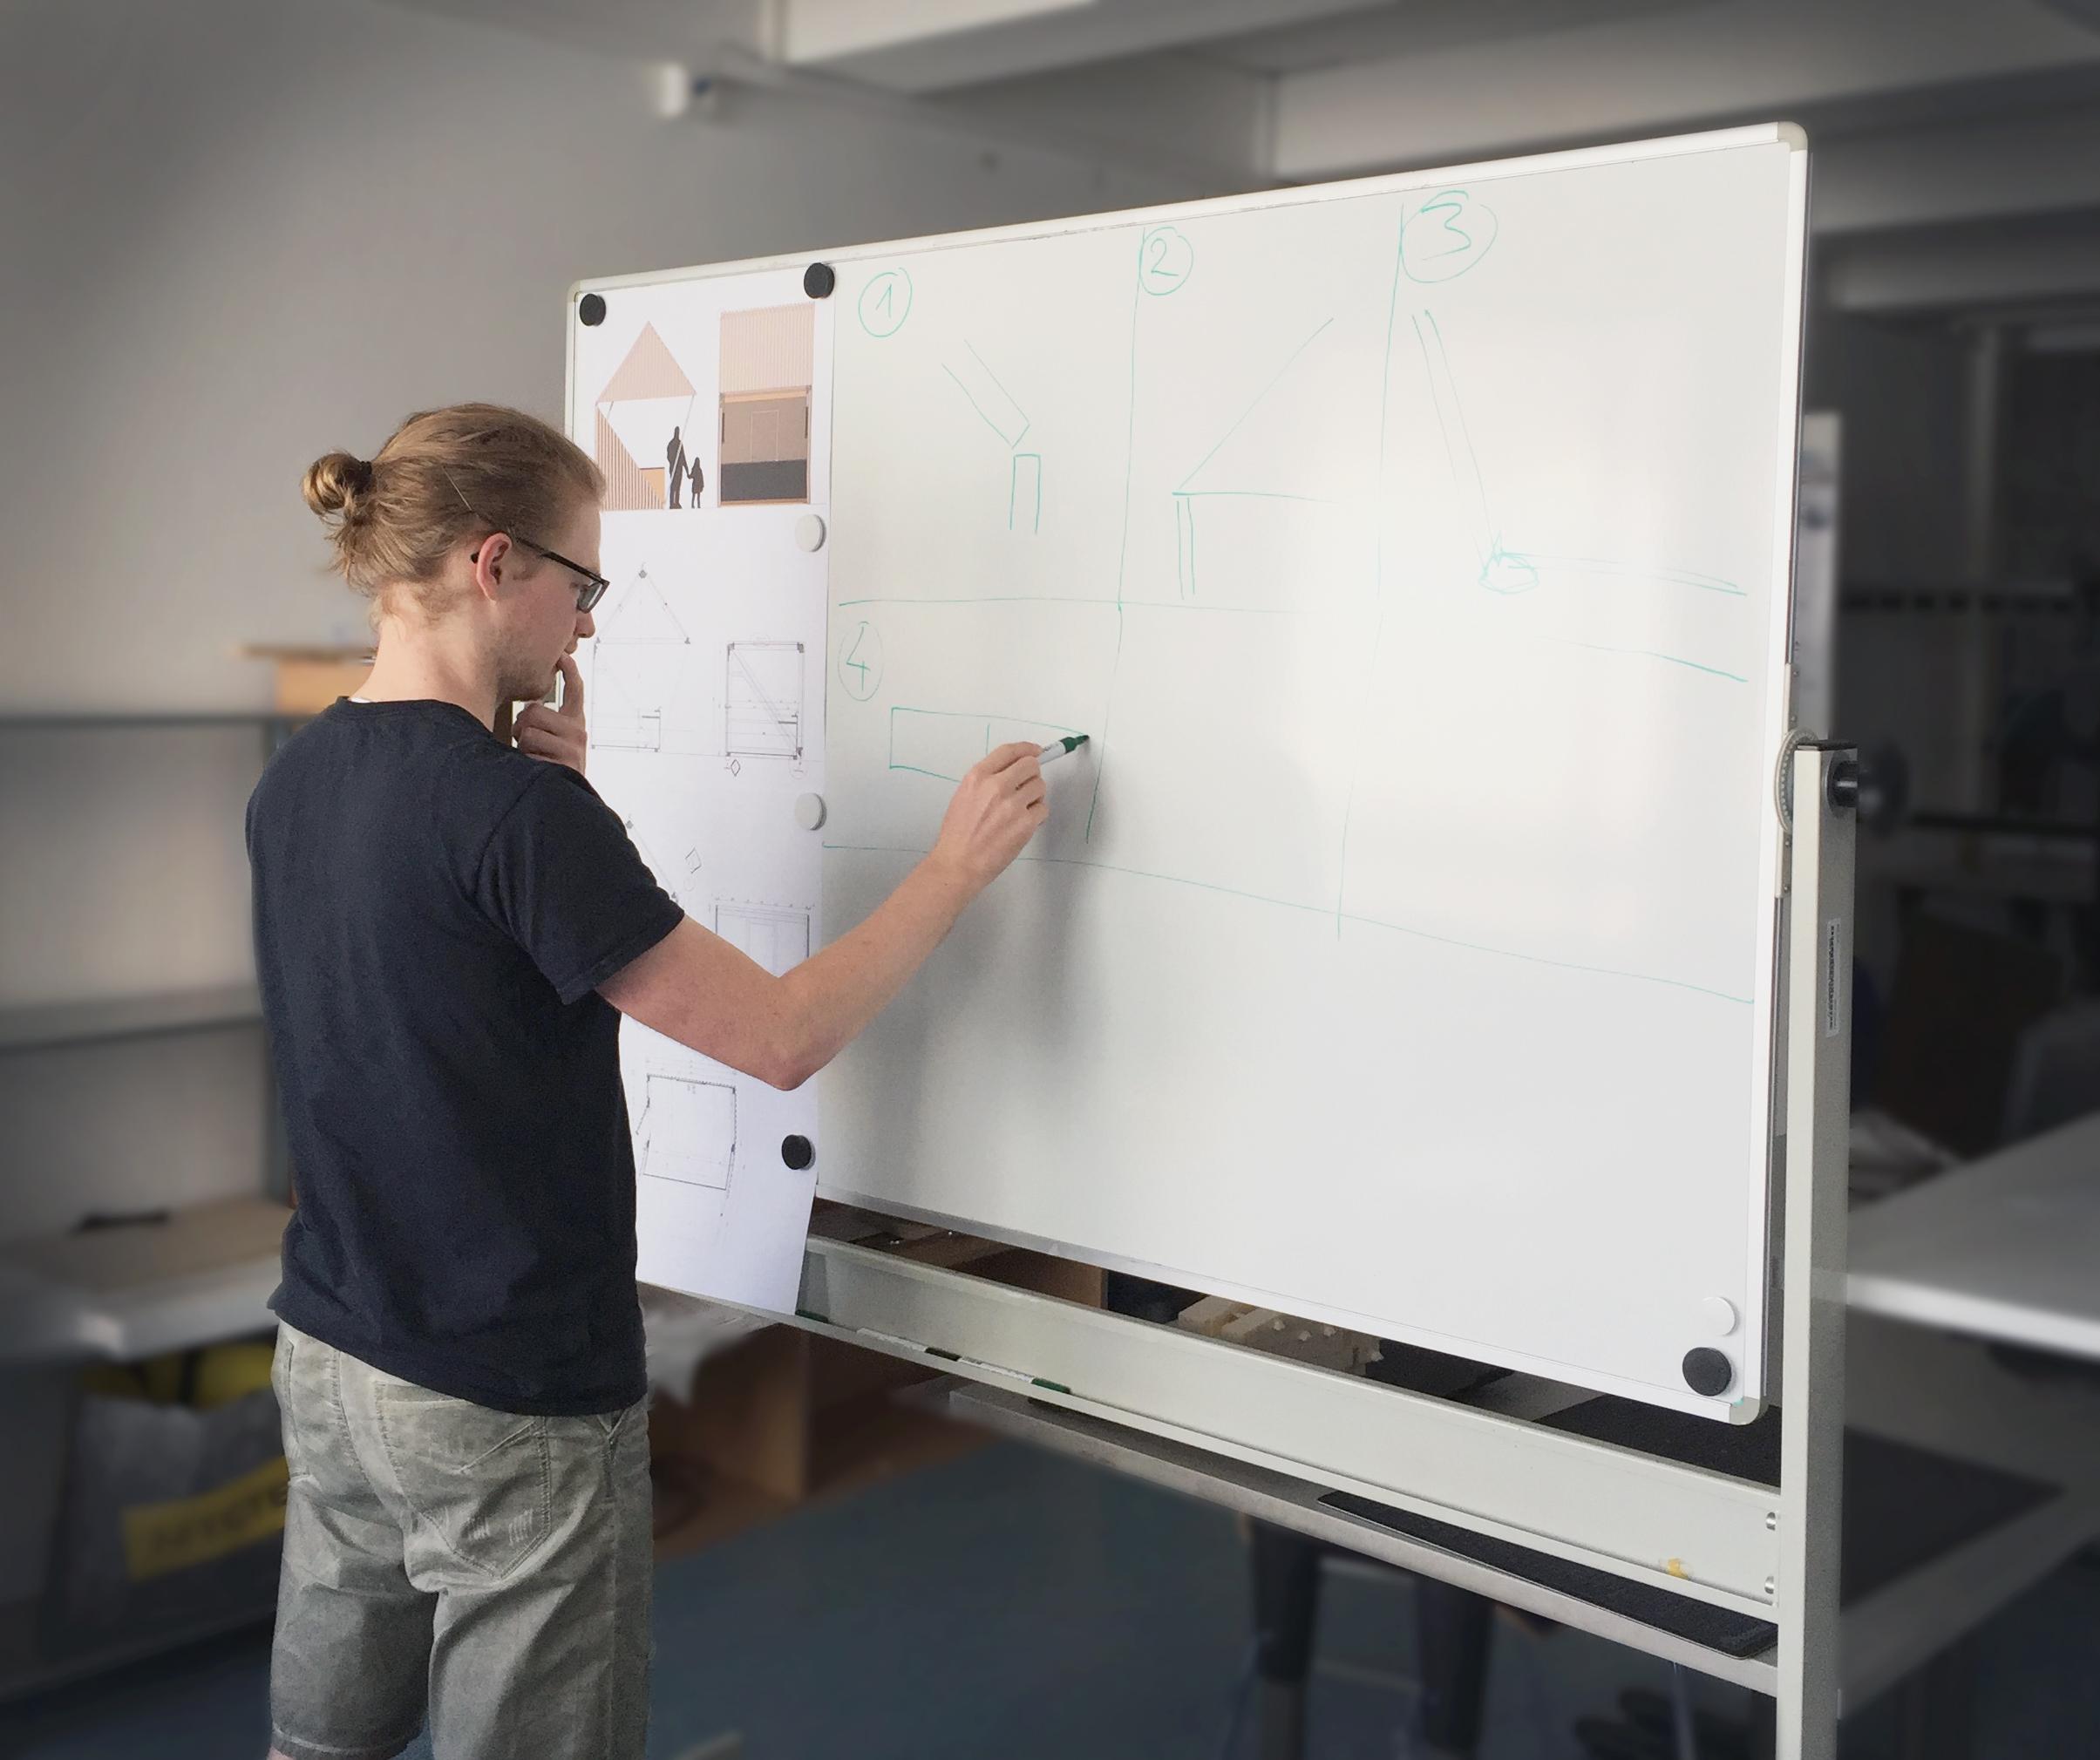 Peter Hintermayer steht vor einer weißen Tafel und hält einen Stift in der Hand, mit dem er etwas auf die Tafel zeichnet.